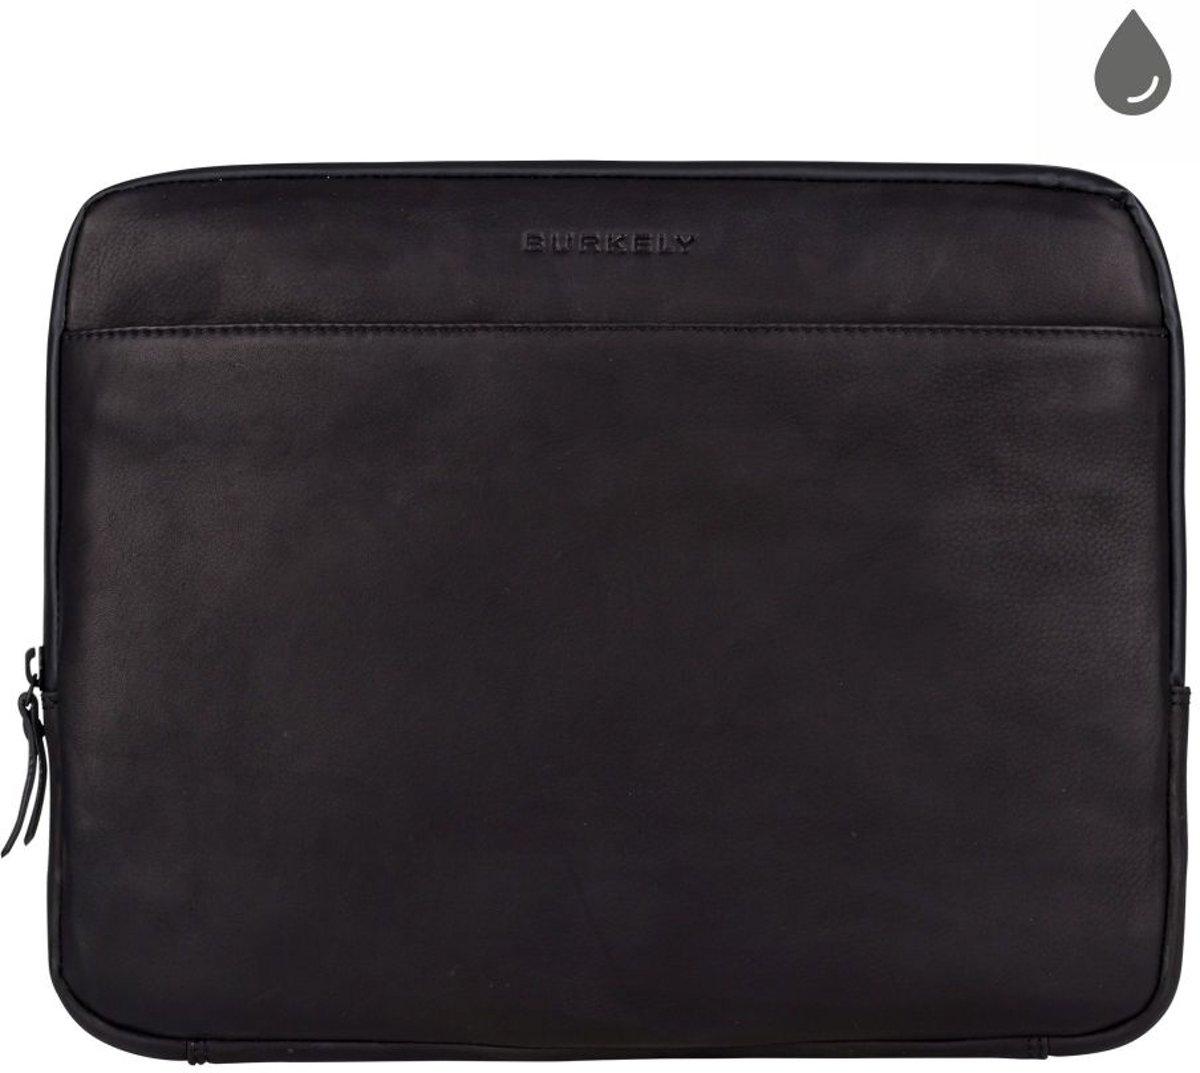 BURKELY Rain Riley Laptopsleeve 13.3 inch Clutch - Zwart kopen